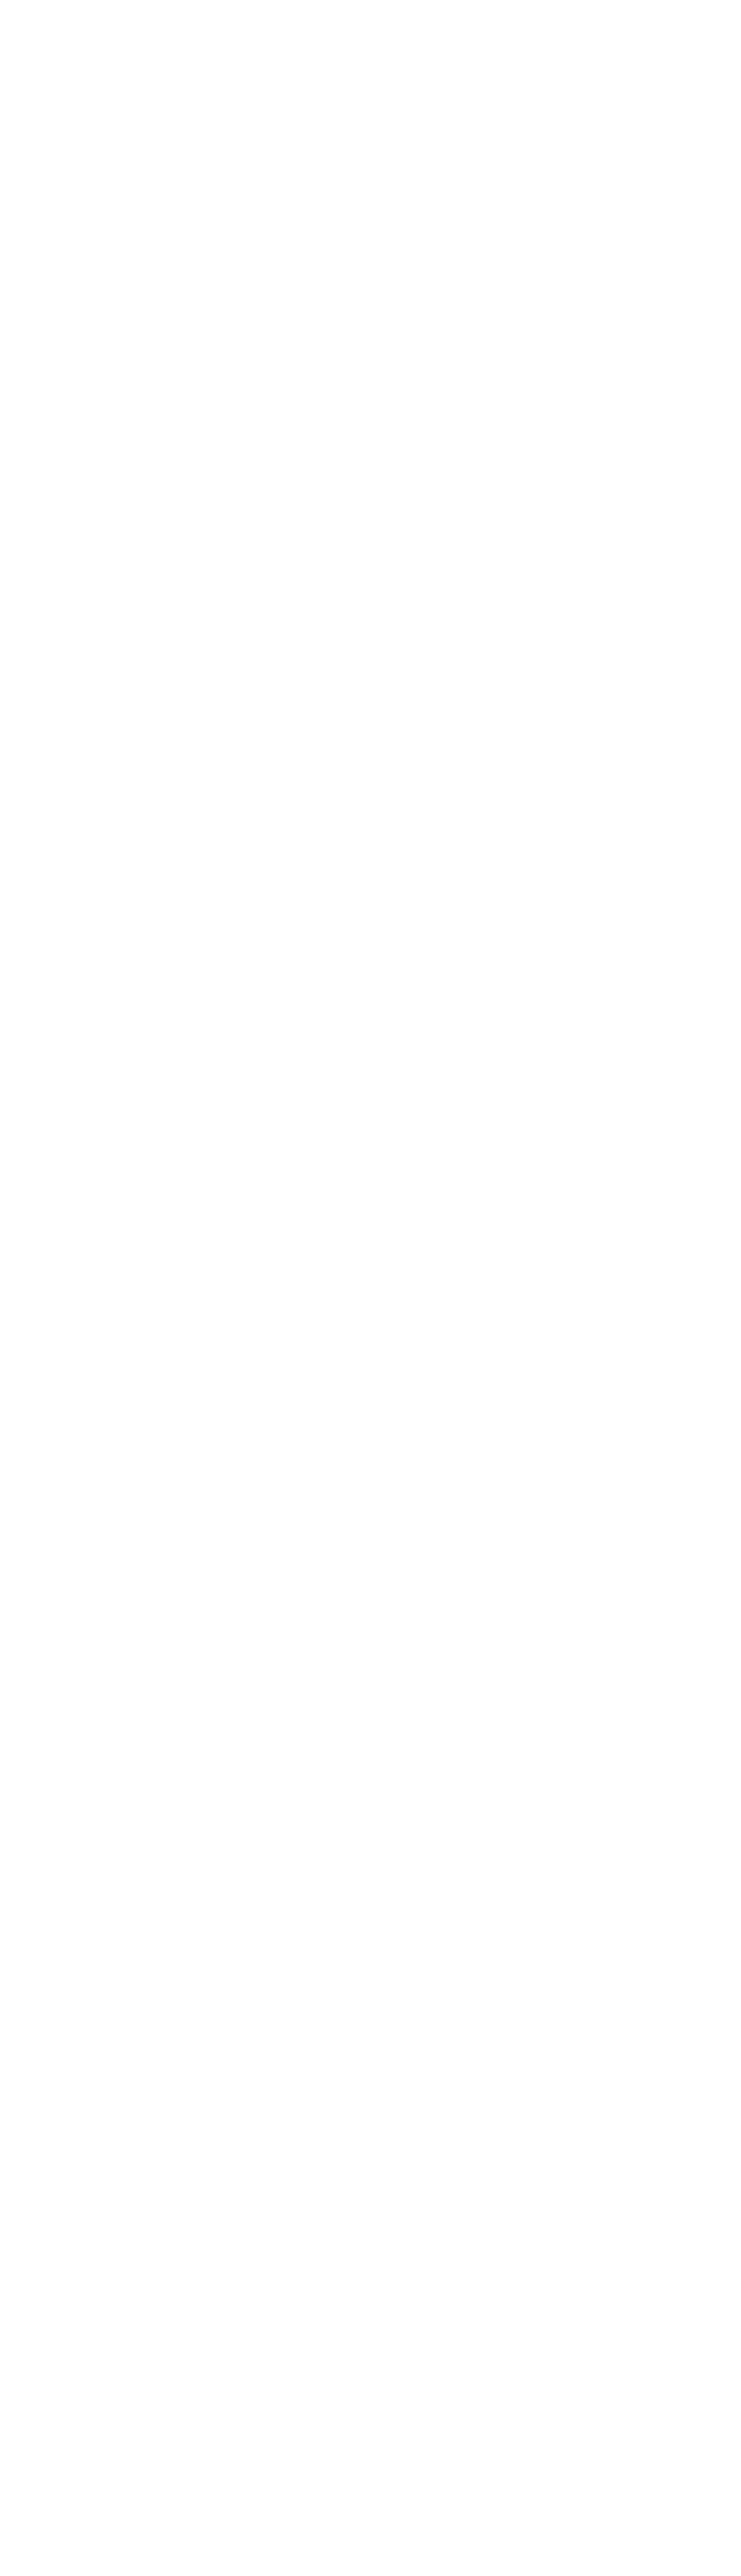 SnakeRegister.png